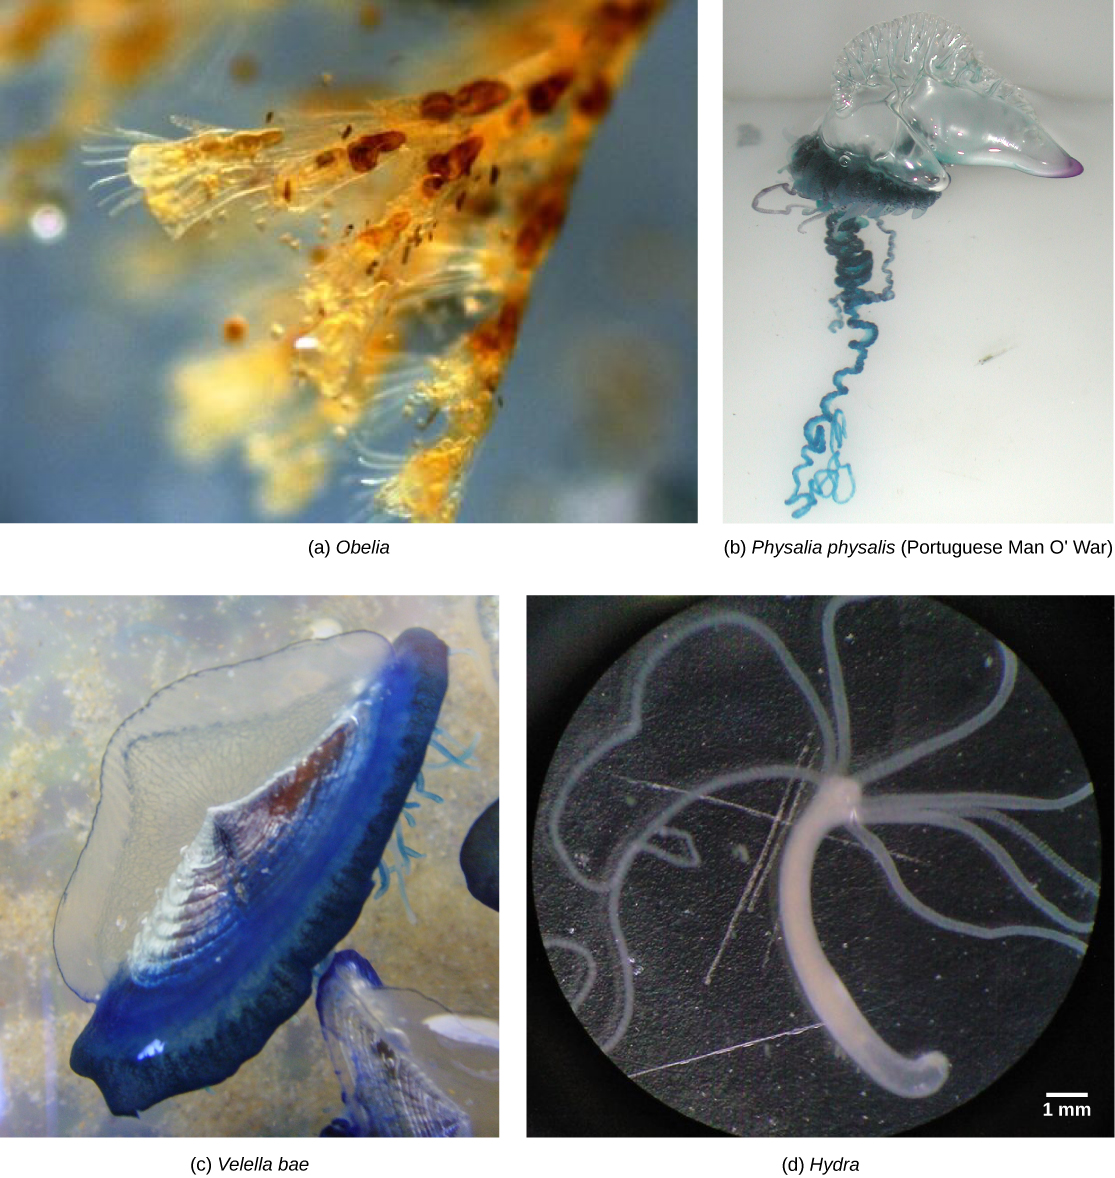 Biology - Phylum Cnidaria